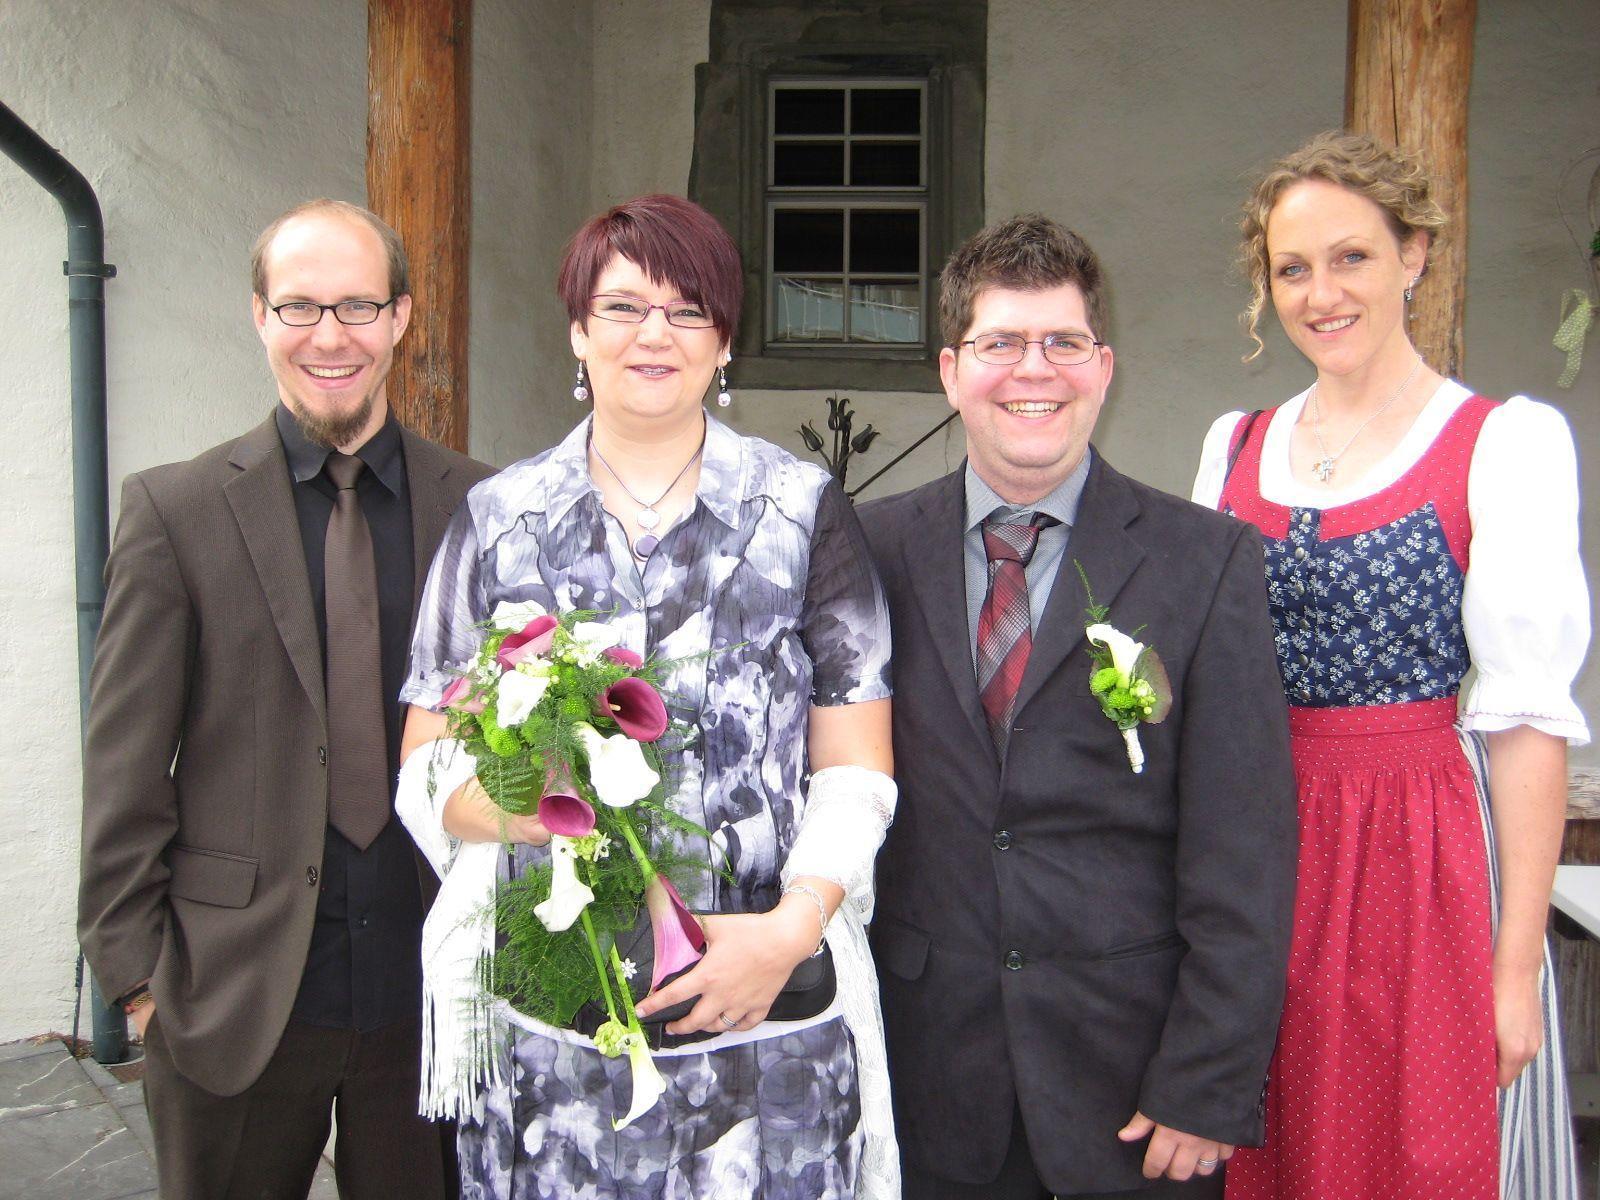 Daniela Wachter und Andreas Baldauf haben geheiratet.